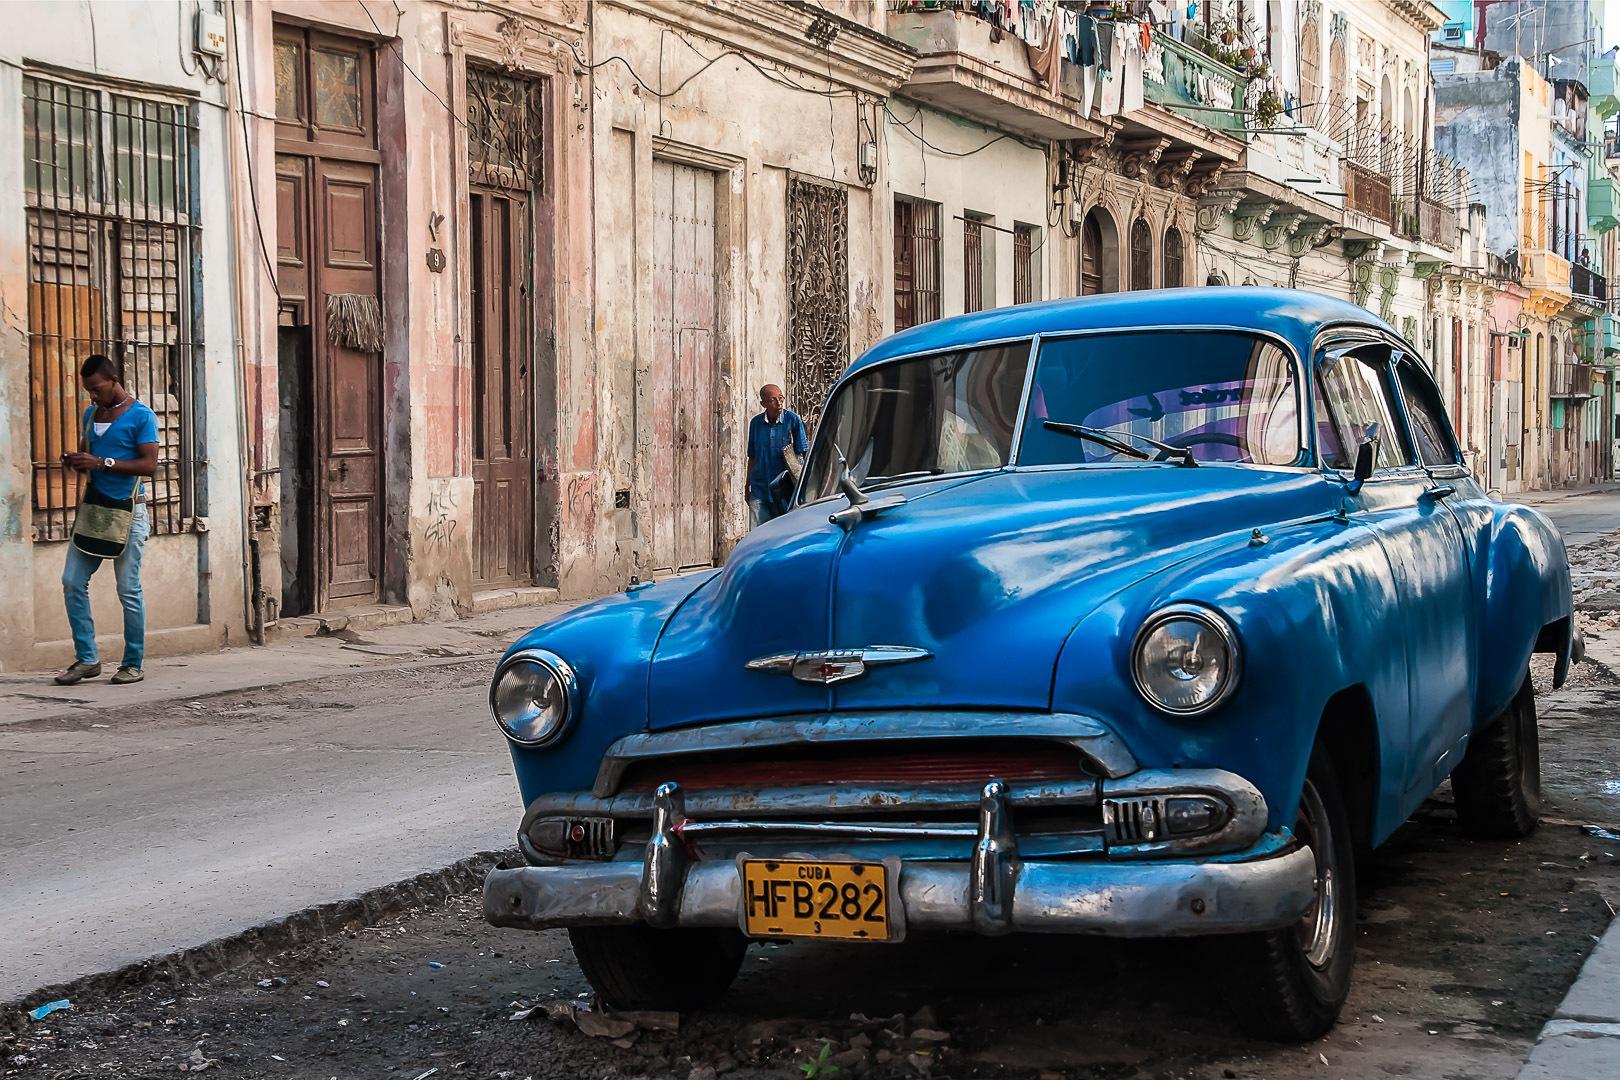 Centro Havana - Cars and decay